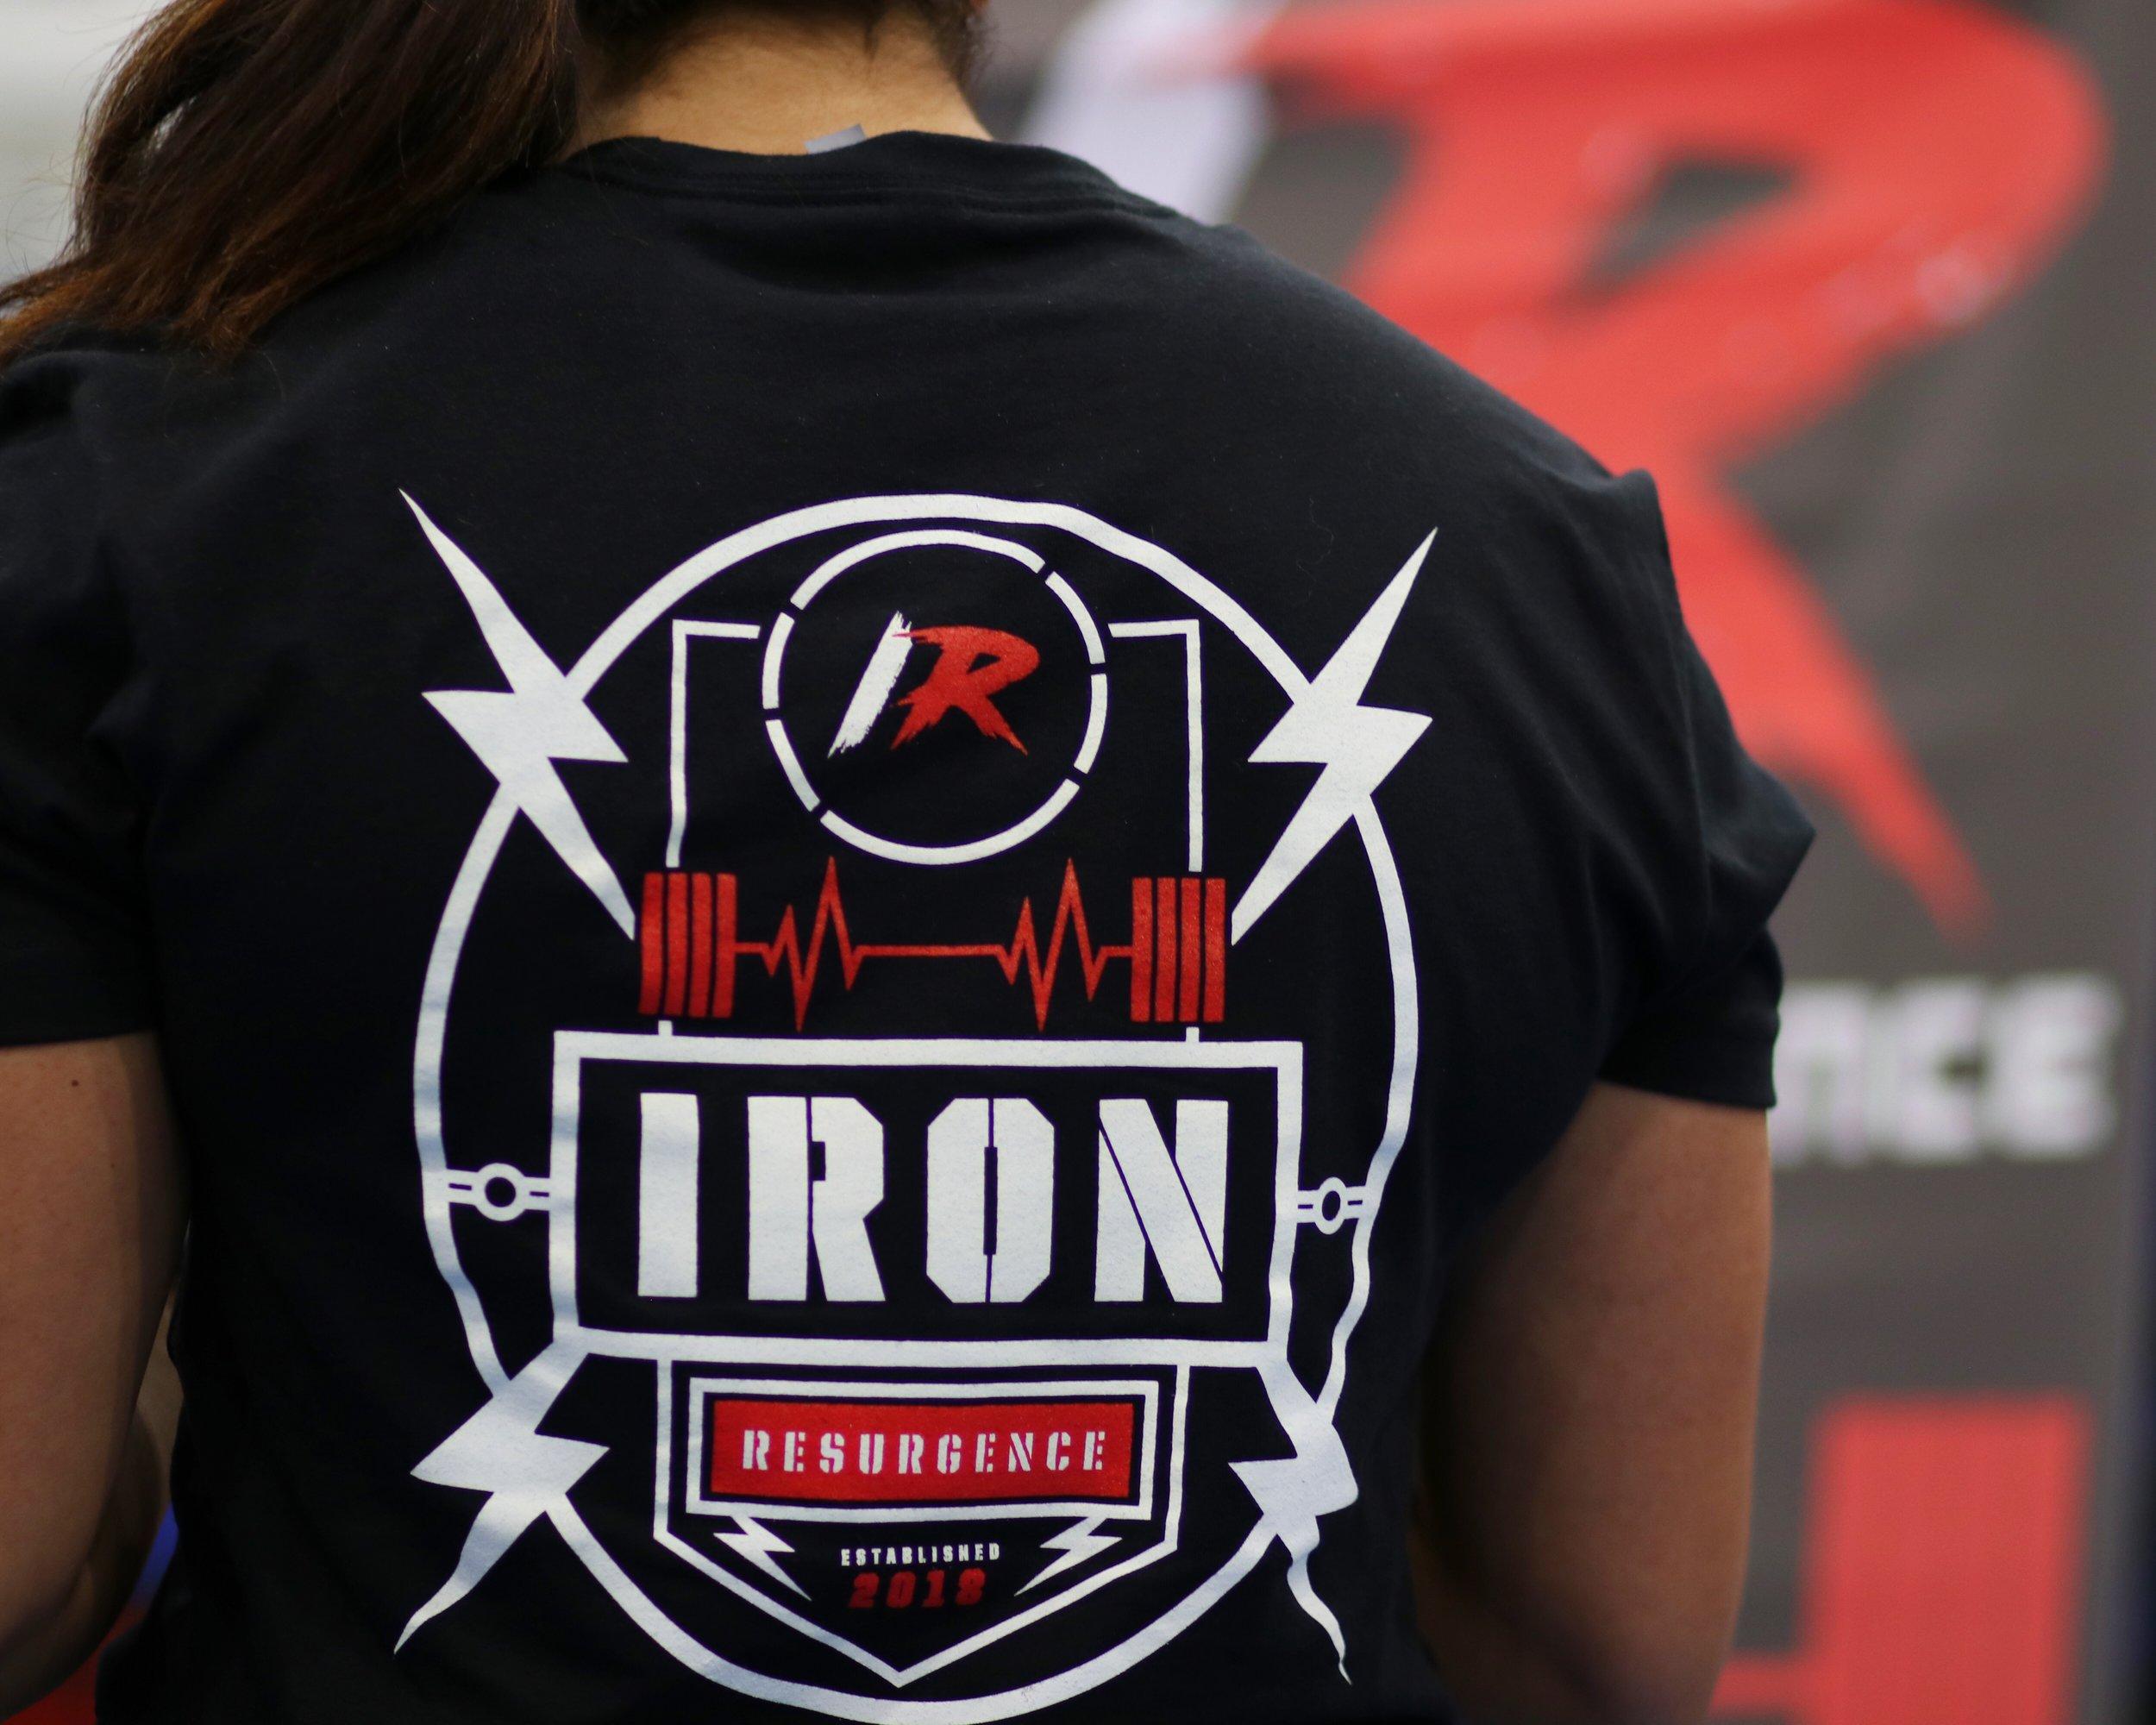 Iron Resurgence CrestTee - $25.00